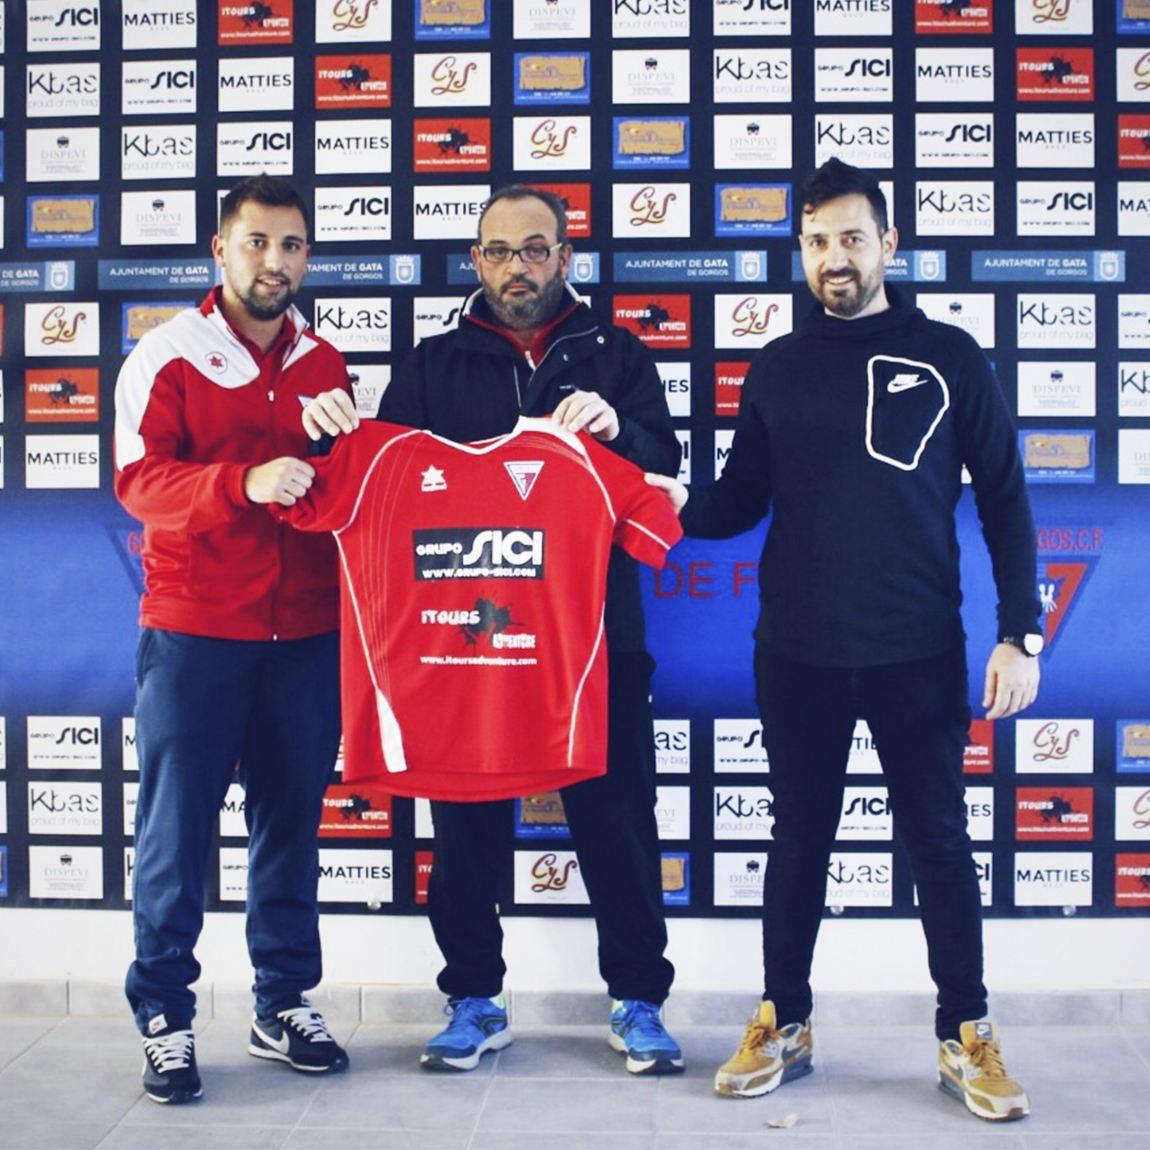 Foto Grupo Sici junto a Itours Adventure los nuevos patrocinadores del Gorgos C.F. para la temporada 2018-2019.